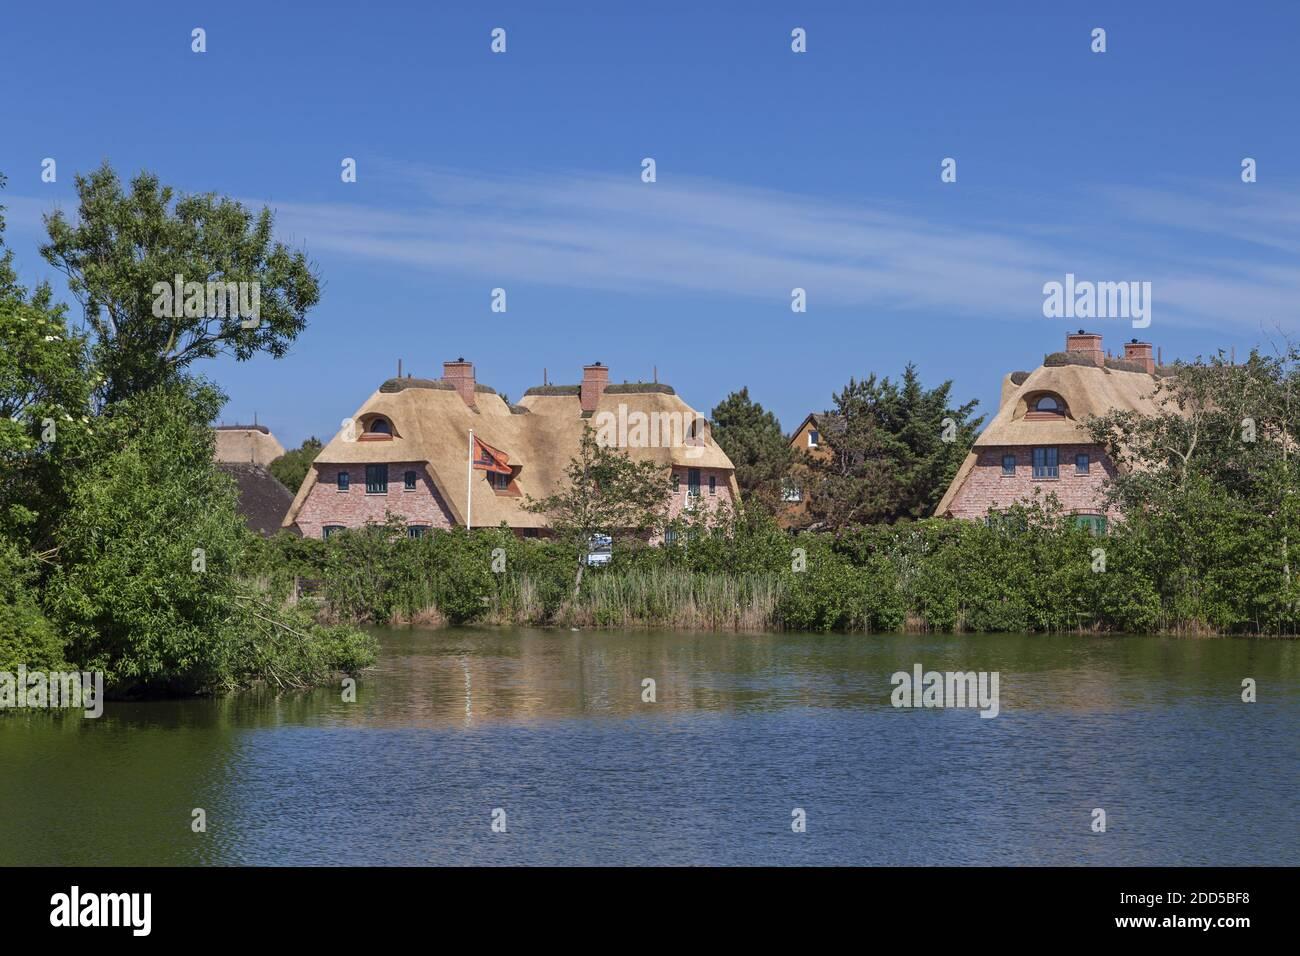 Geografía / viajes, Alemania, Schleswig-Holstein, Sylt, en el estanque del pueblo en Wenningstedt, Derechos adicionales-liquidación-Info-no-disponible Foto de stock